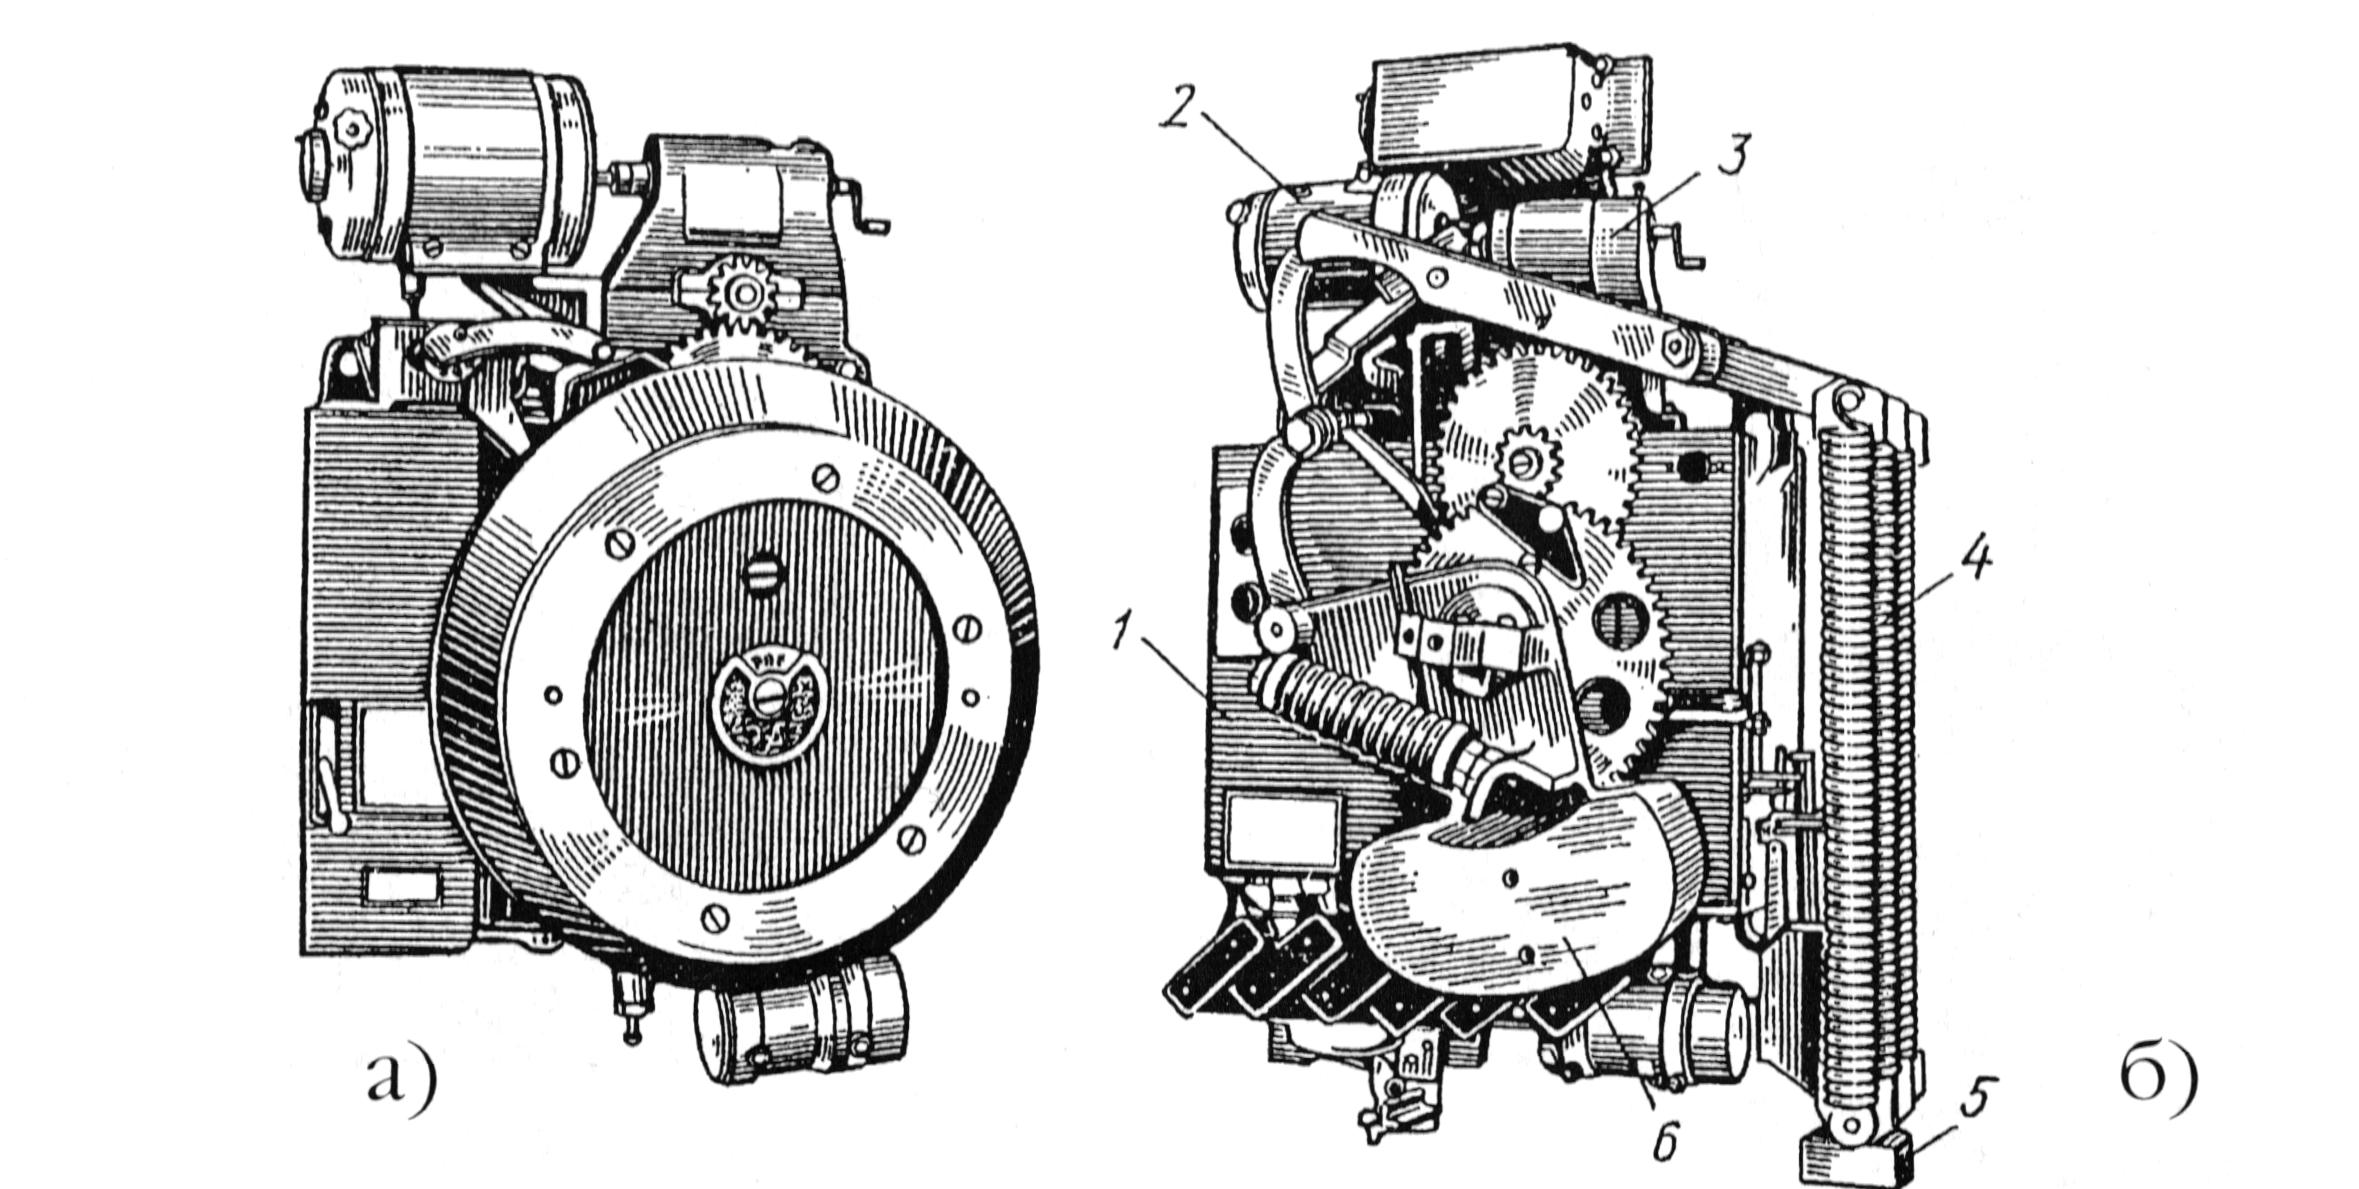 Рис. 1-9. Пружинные приводы ППМ-10 (а) и ПП-67 (б).